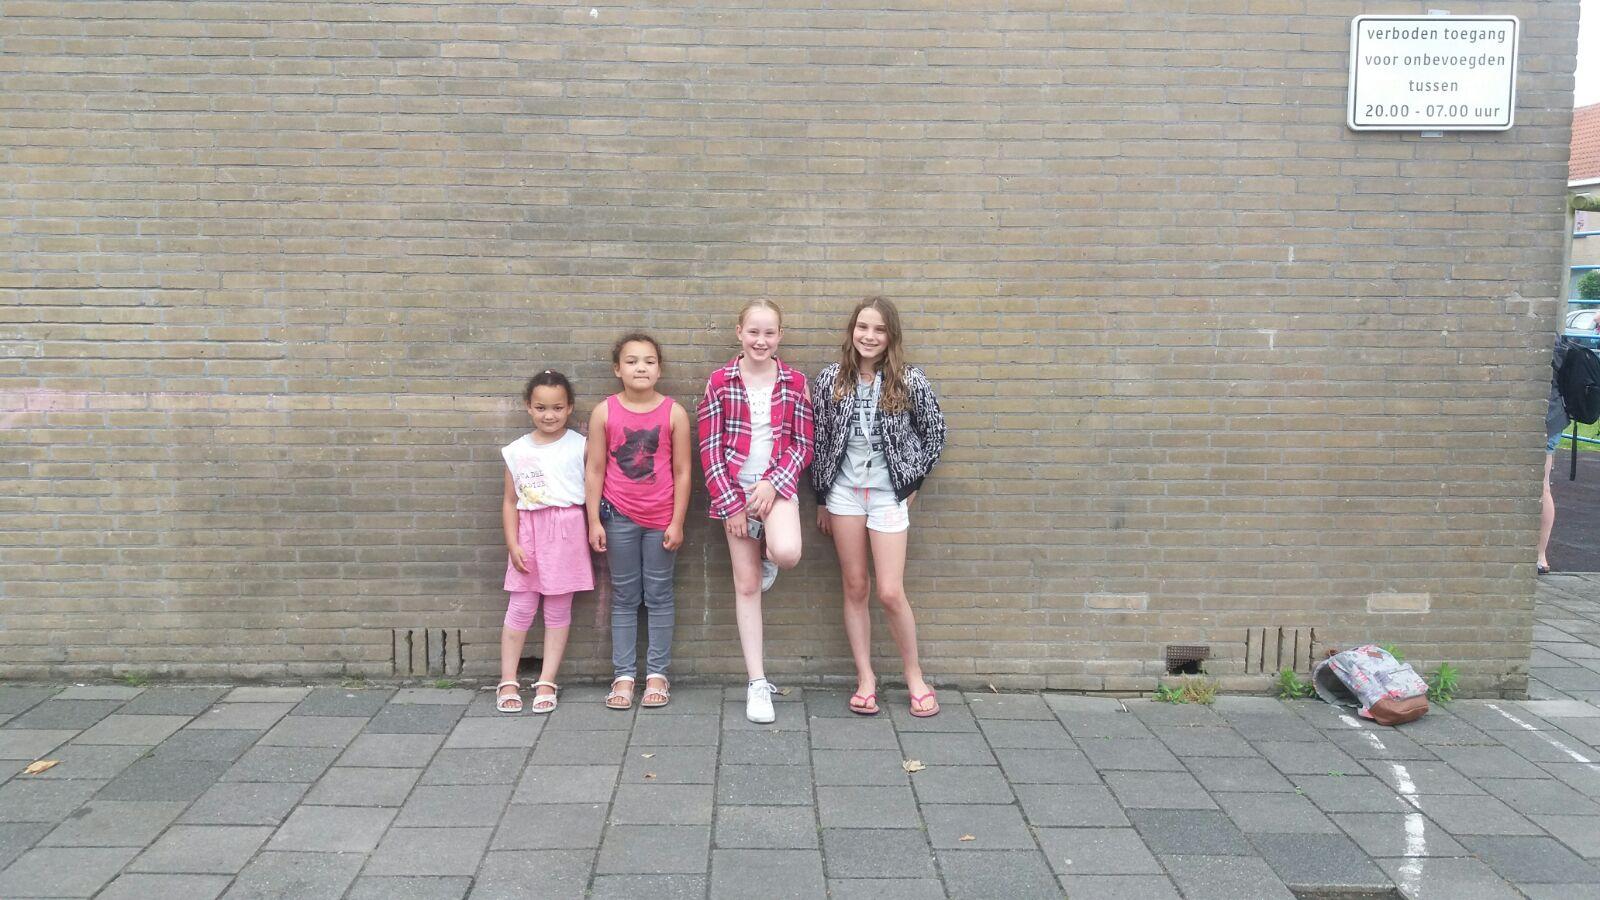 De meiden uit Edam. (Foto: aangeleverd)